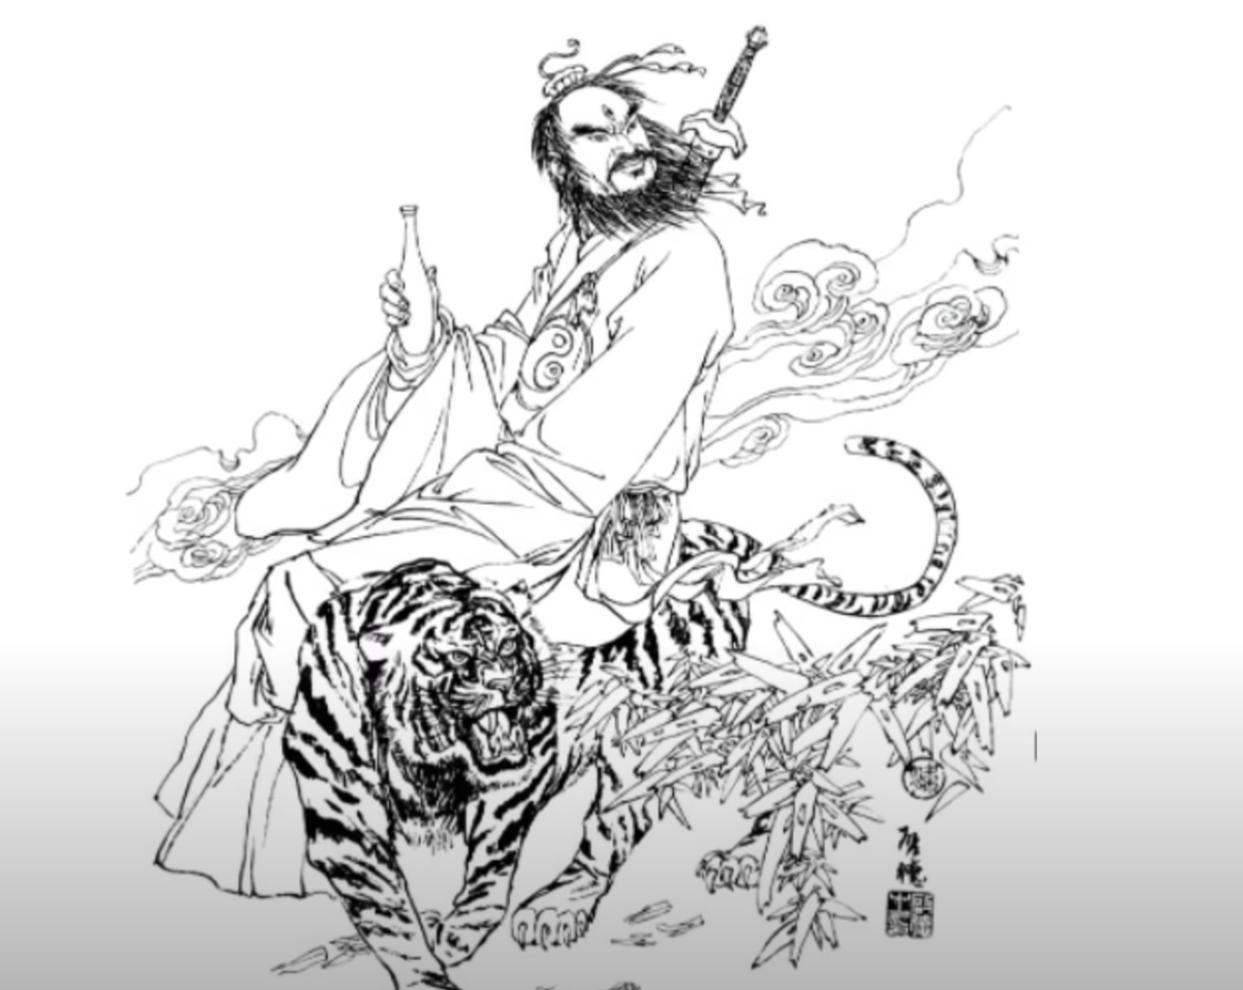 . Chúng ta vốn quen thuộc với hình ảnh Trương Đạo Lăng cưỡi linh vật như hổ, dường như chính là con hổ trắng này (Ảnh chụp màn hình video)